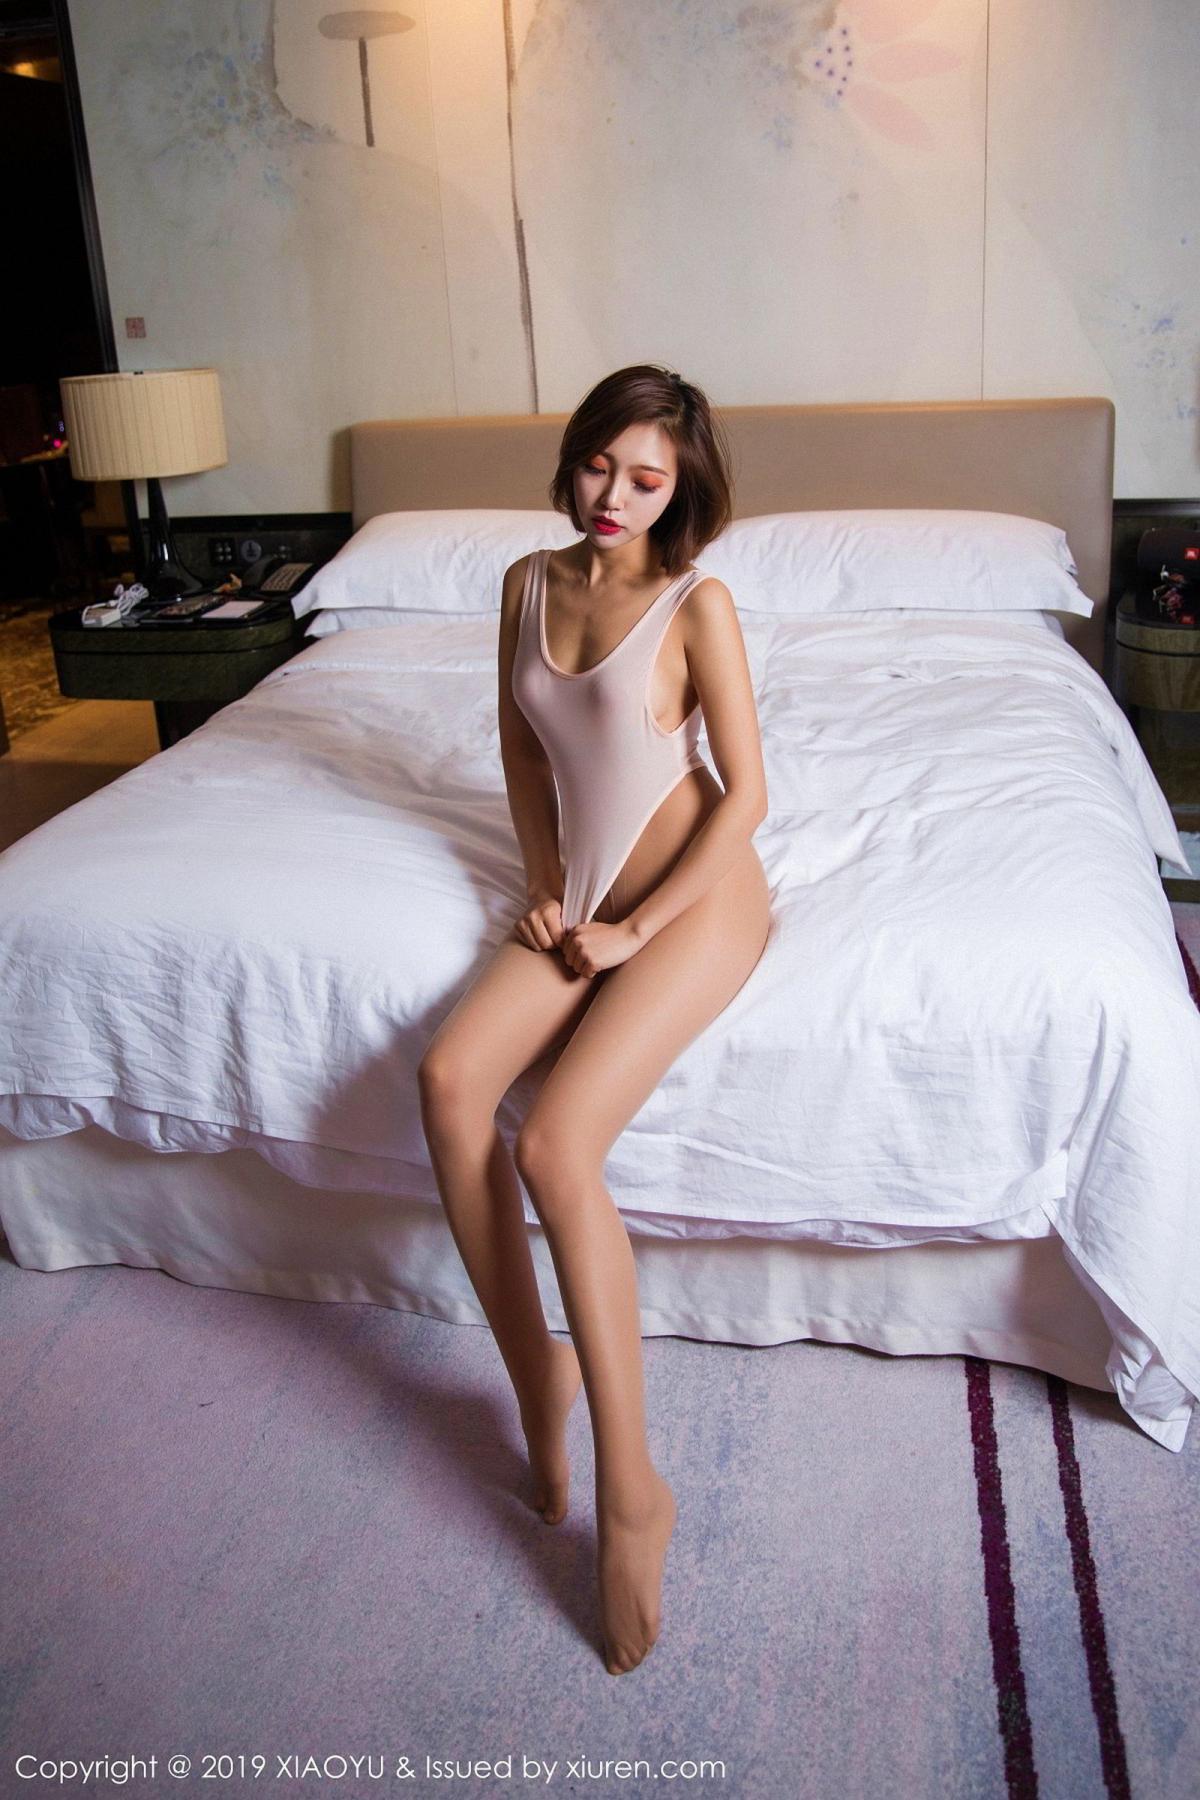 [XiaoYu] Vol.021 Feng Mu Mu 11P, Feng Mu Mu, Tall, XiaoYu